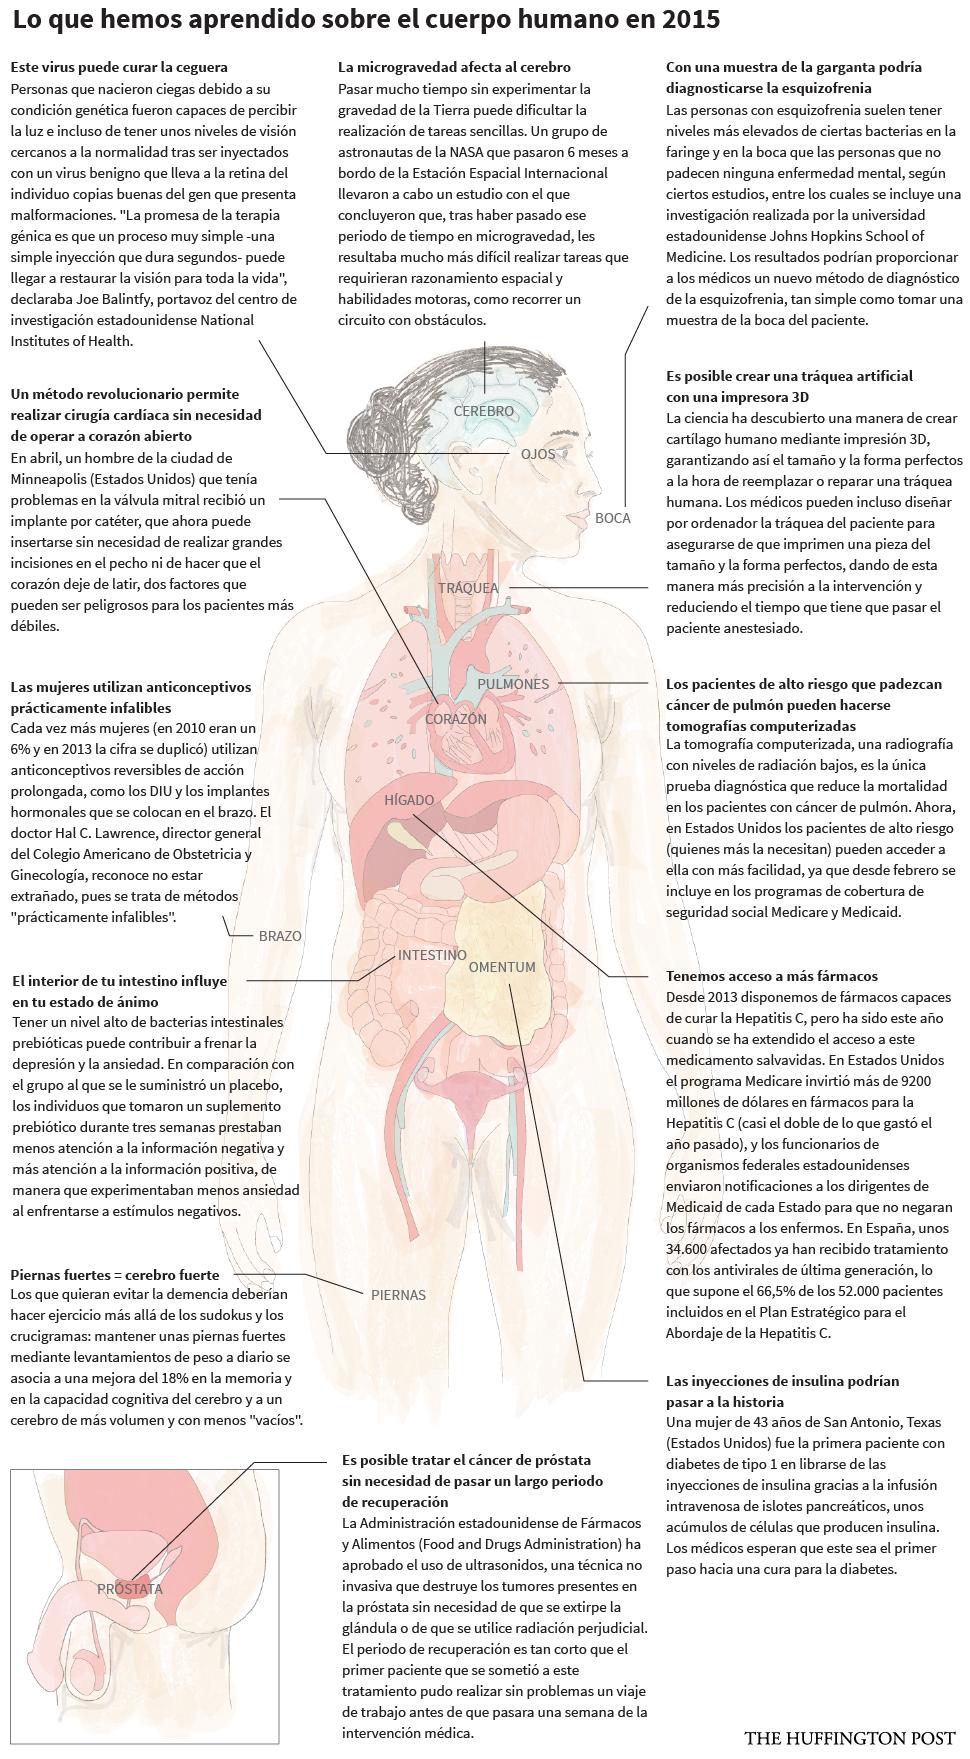 12 cosas que hemos aprendido sobre el cuerpo humano en 2015, vía El HuffigtonPost